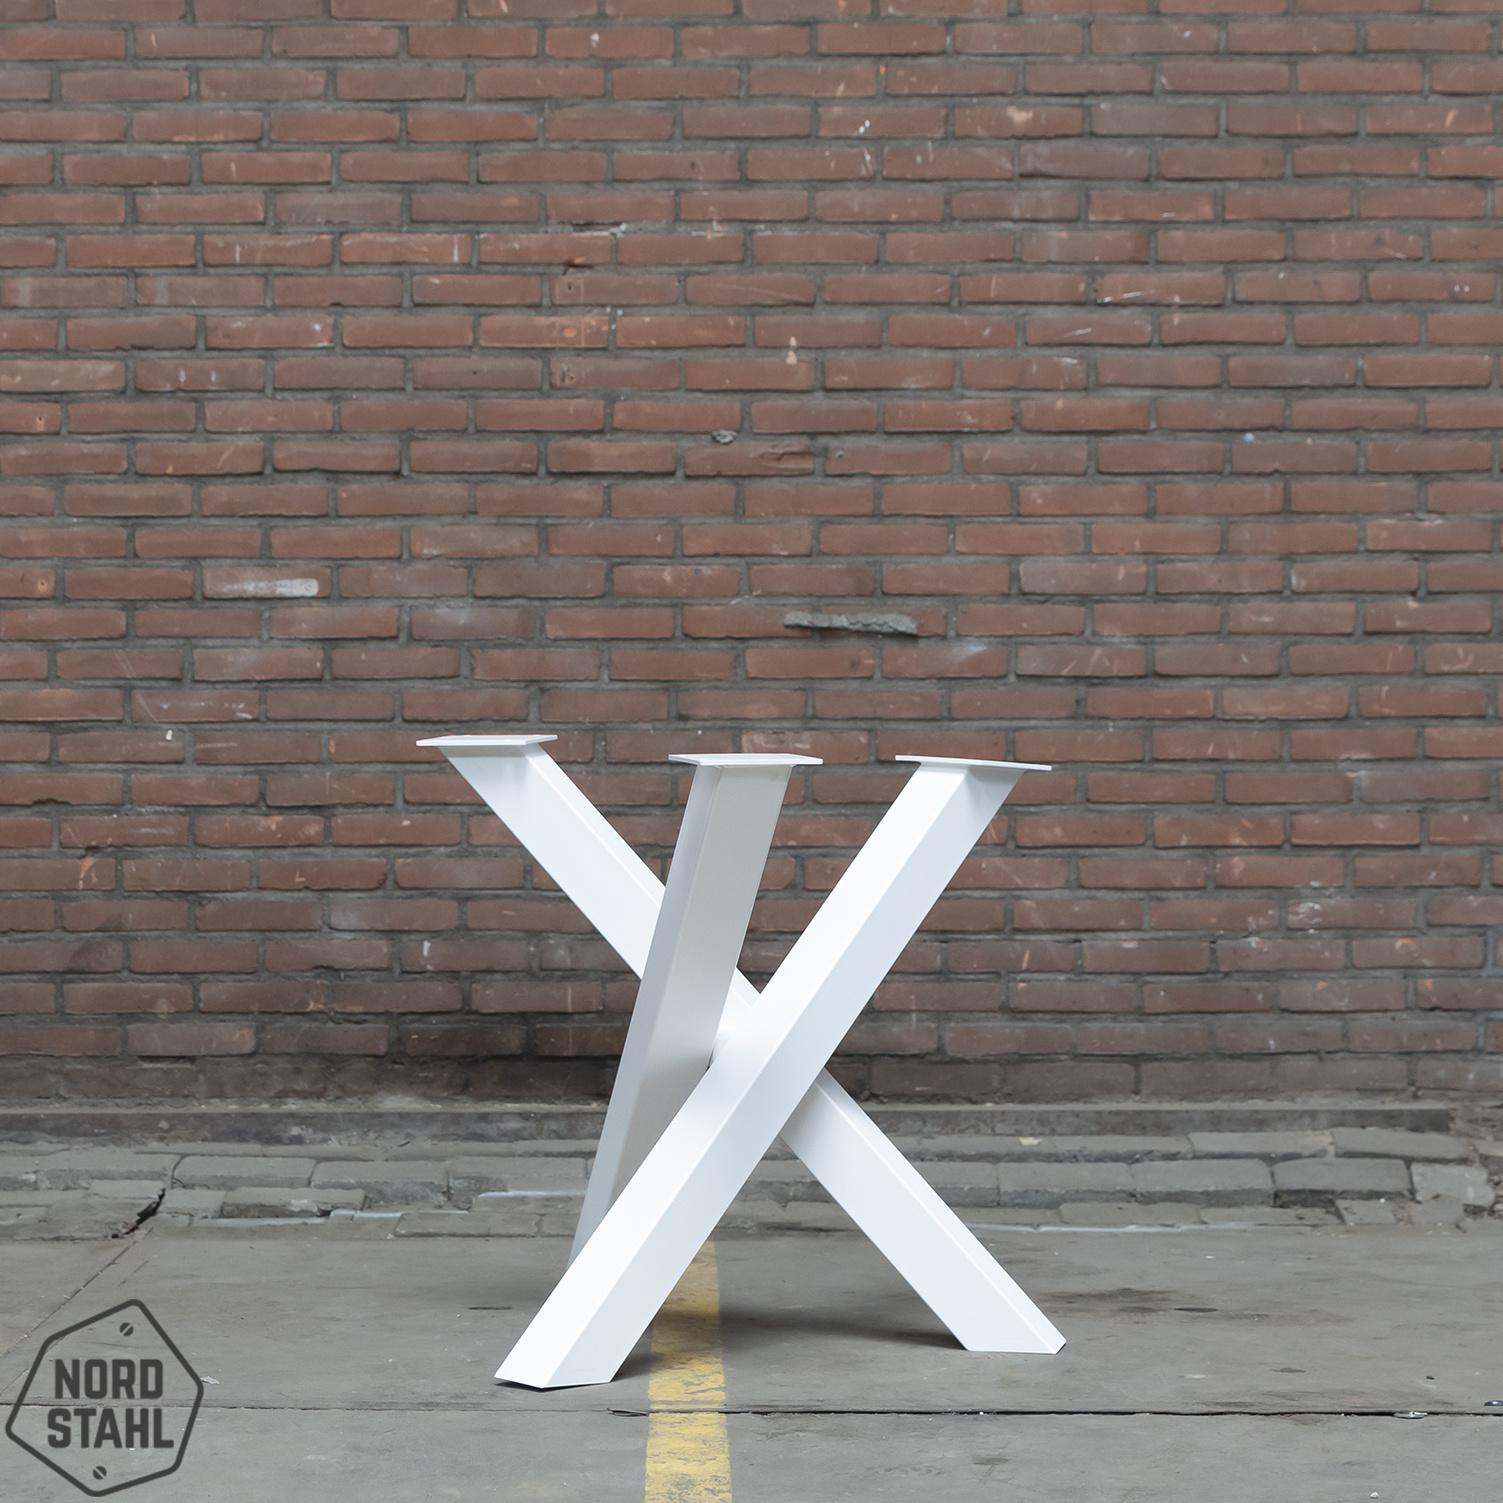 Nordstahl Witte Twist rond tafelpoot 8x8 cm